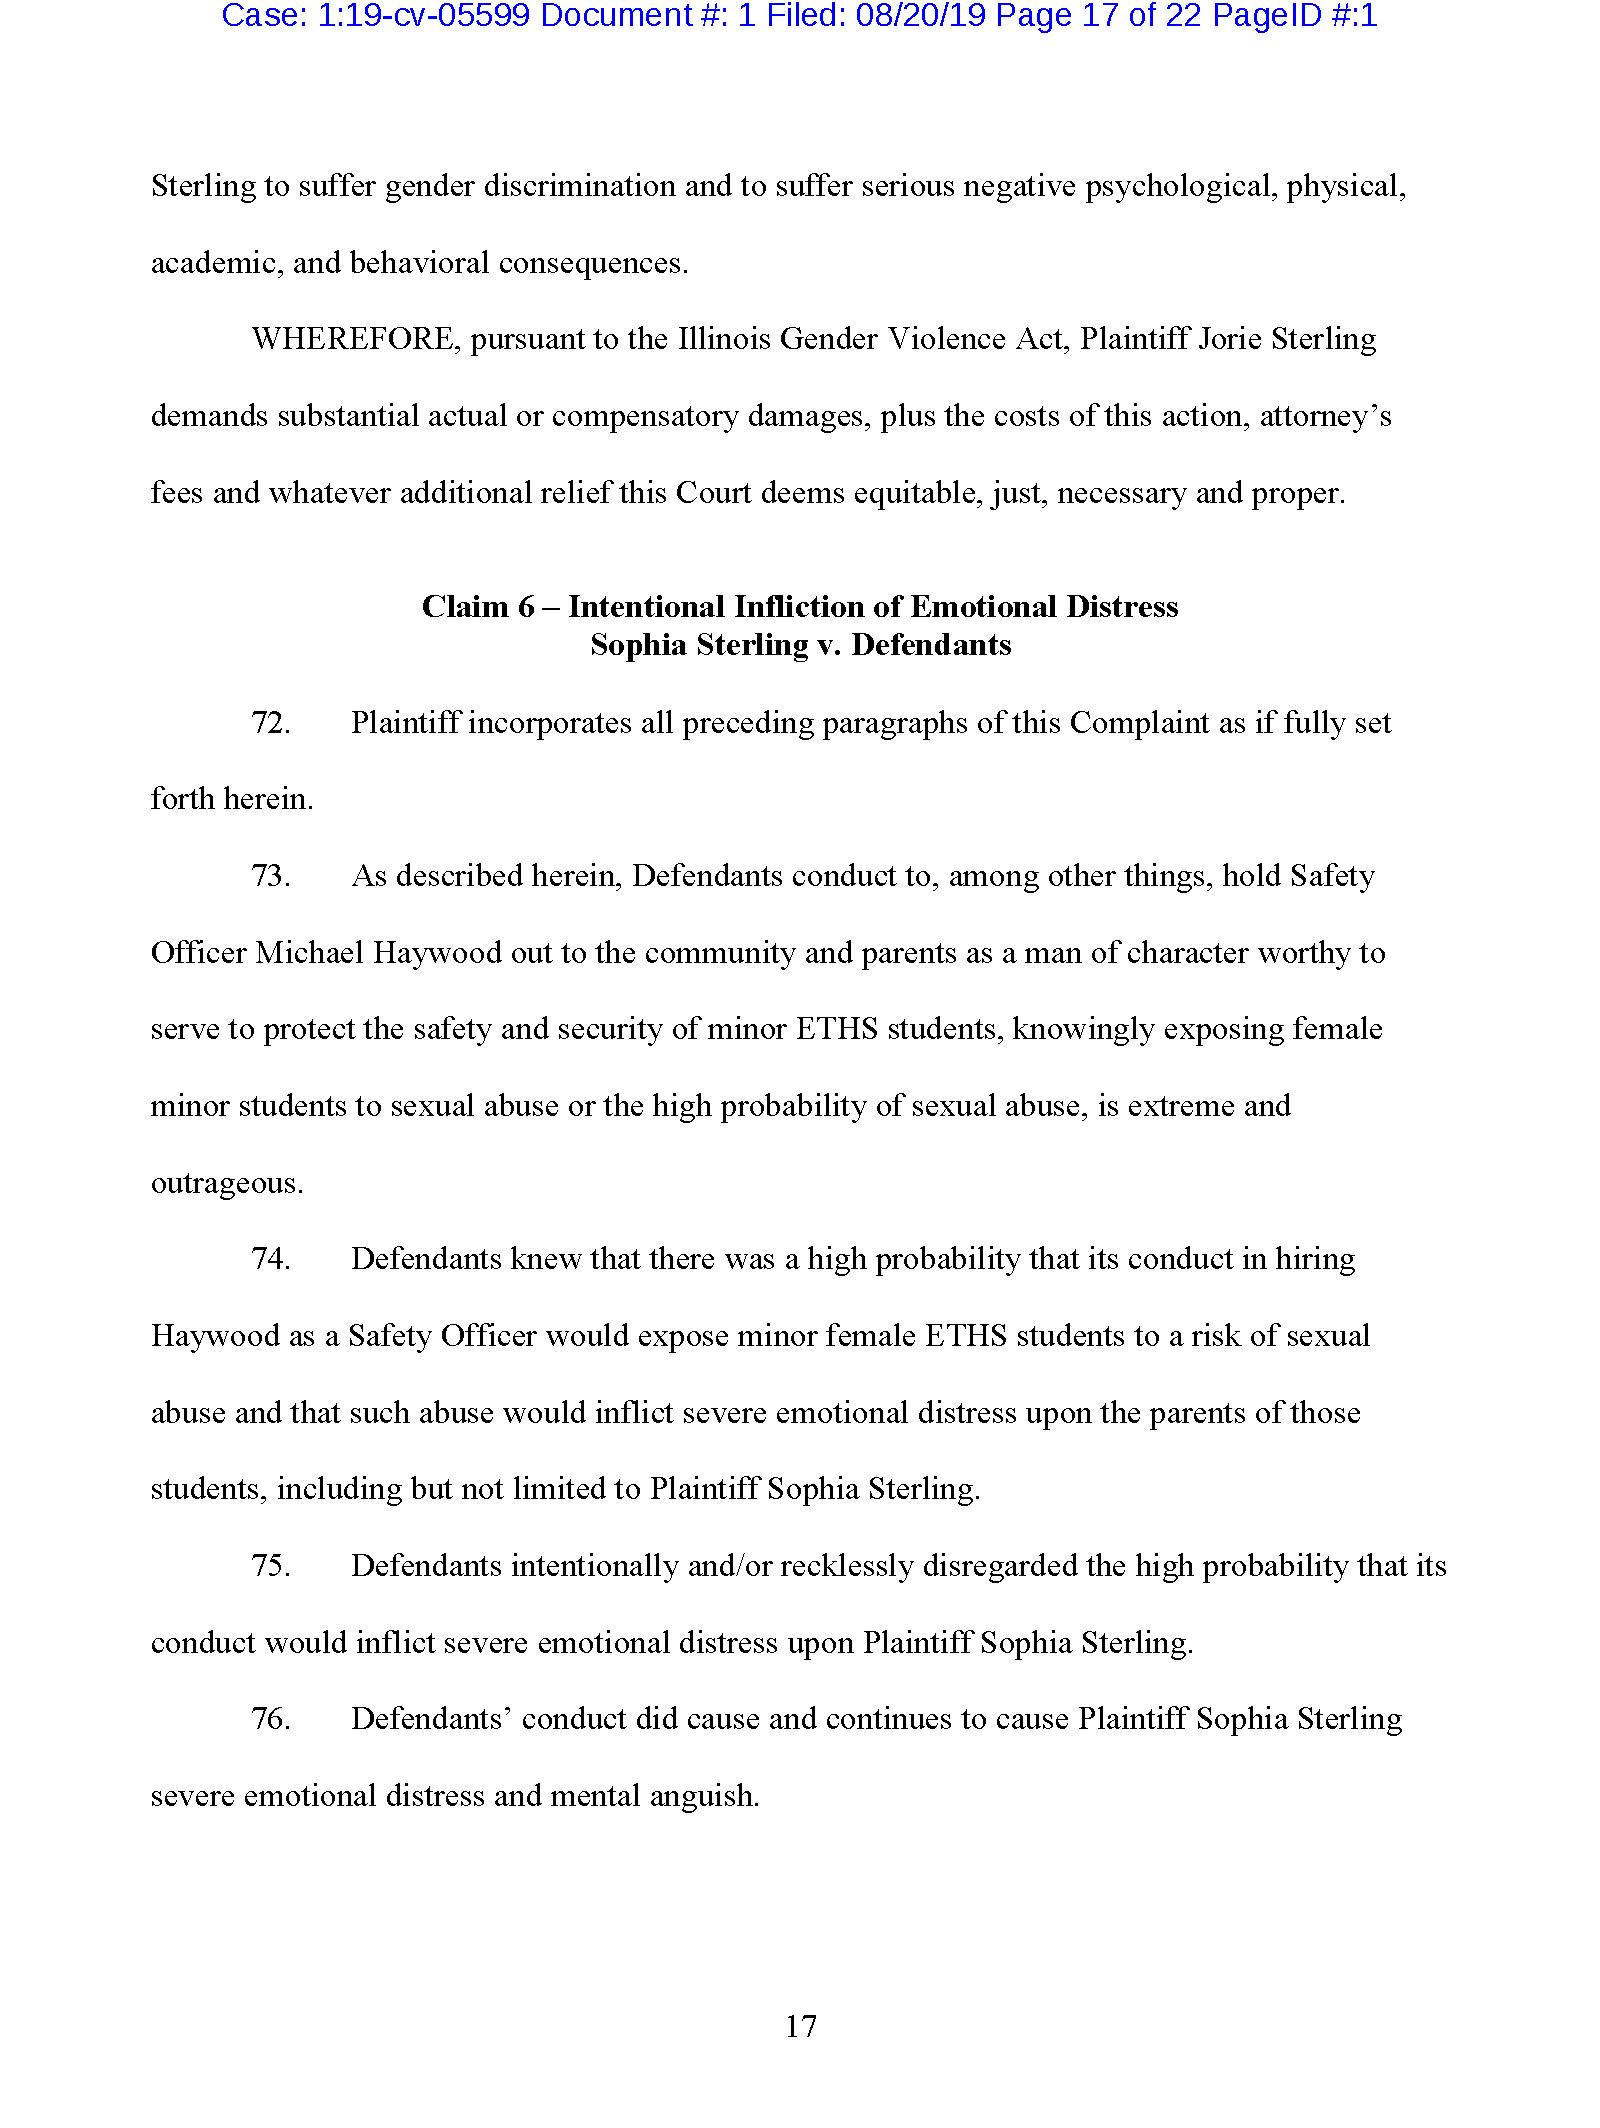 Copy of Complaint0117.png